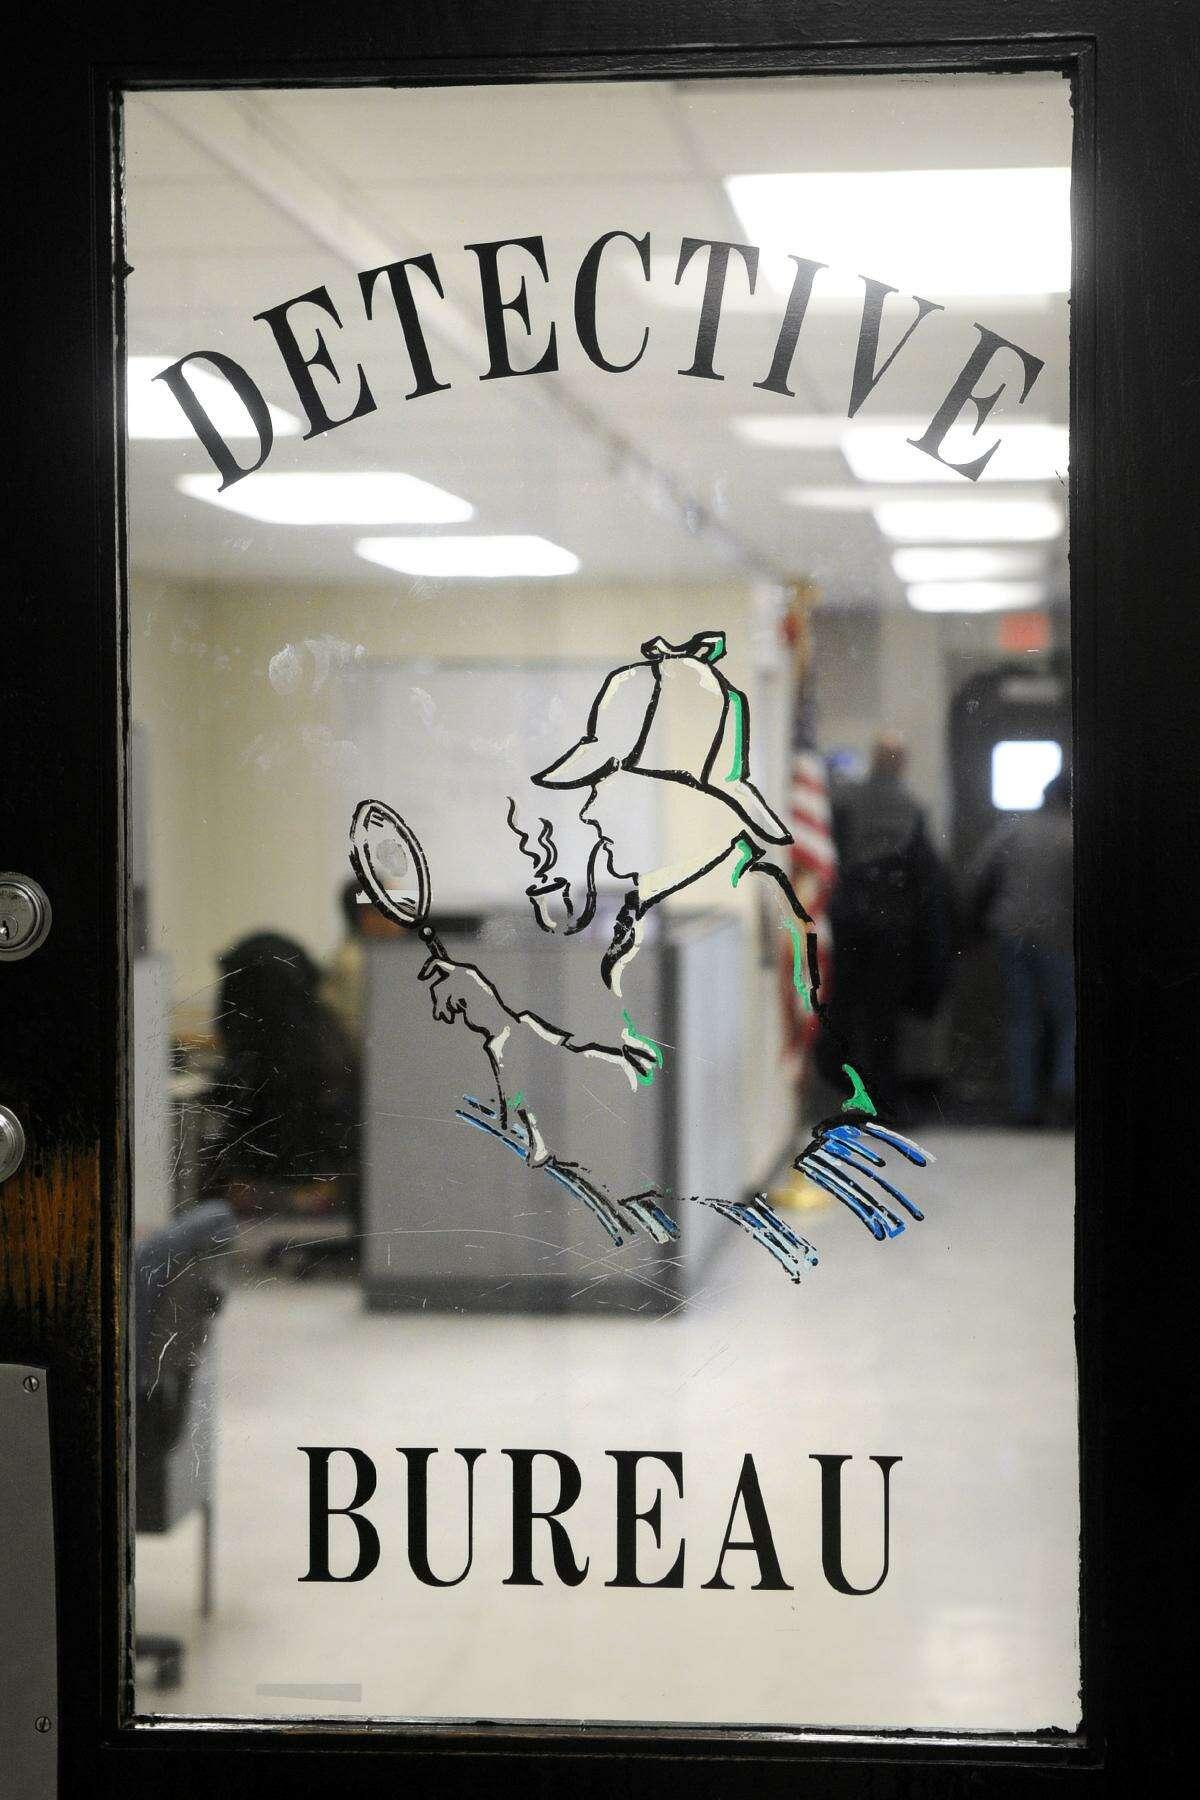 The Detective?'s Bureau of the Bridgeport Police Department, in Bridgeport, Conn. Dec. 15, 2017.